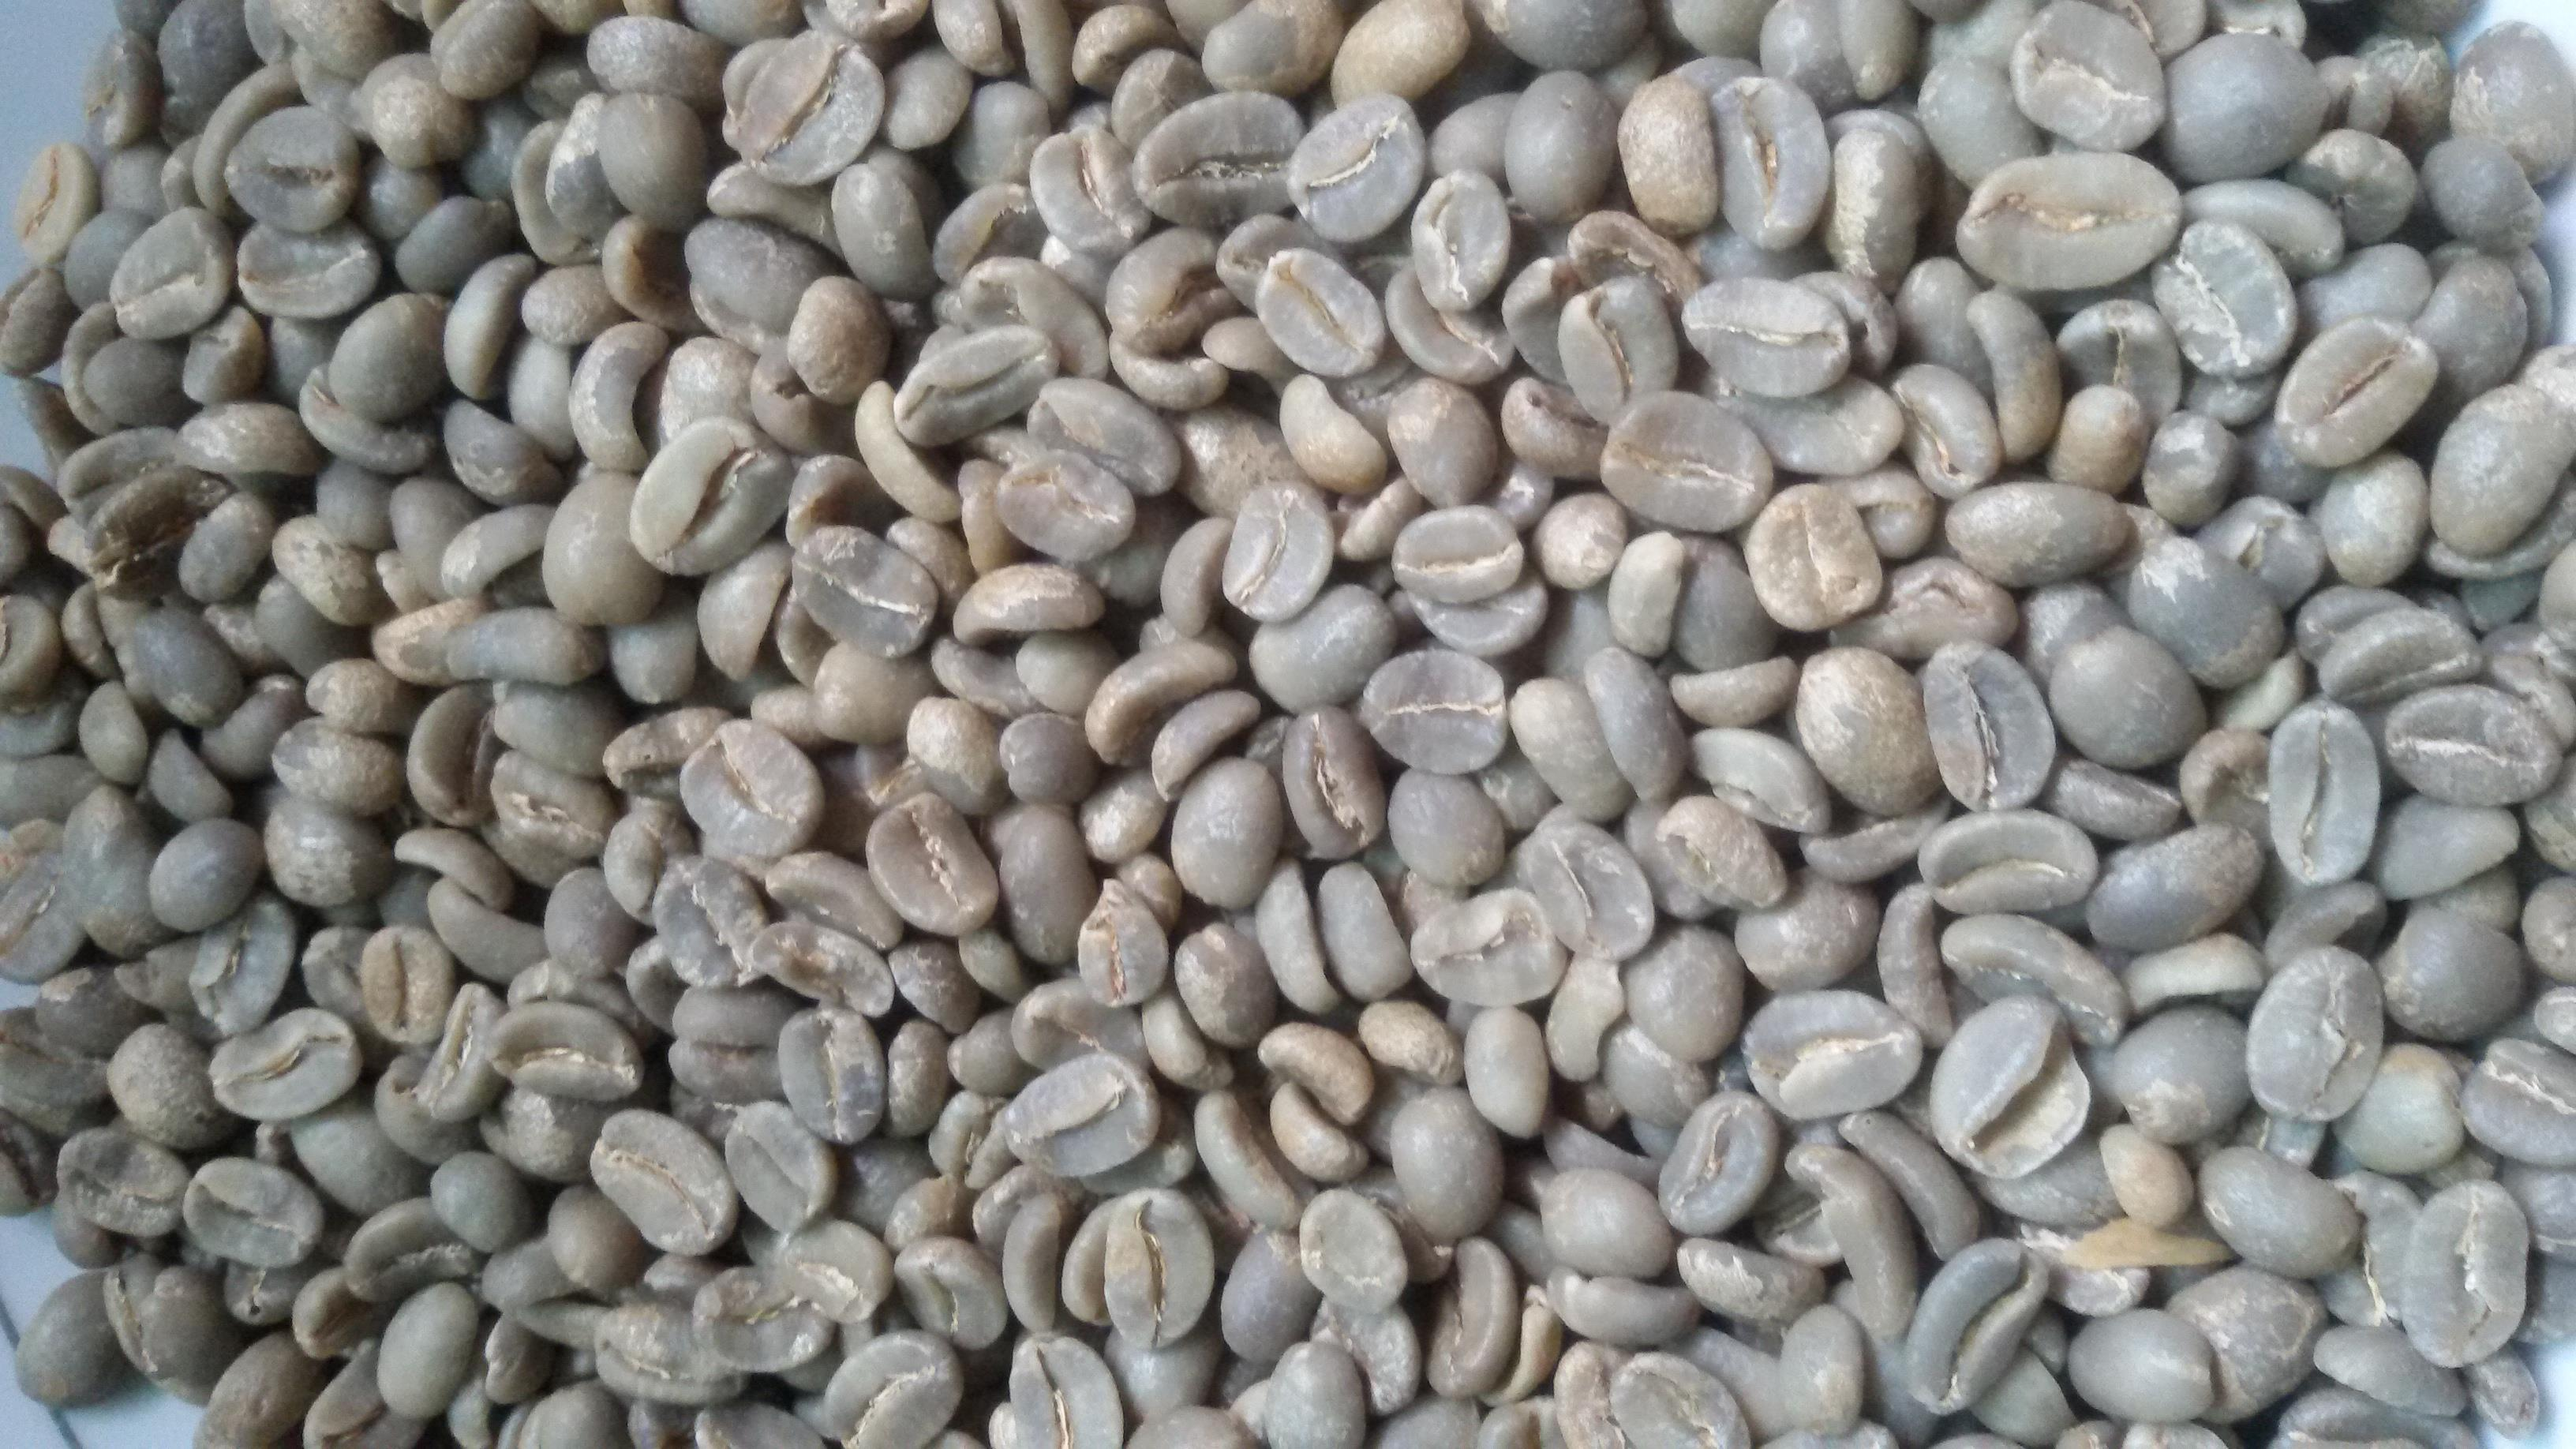 export biji kopi mentah sumatera arabika g1 from indonesia